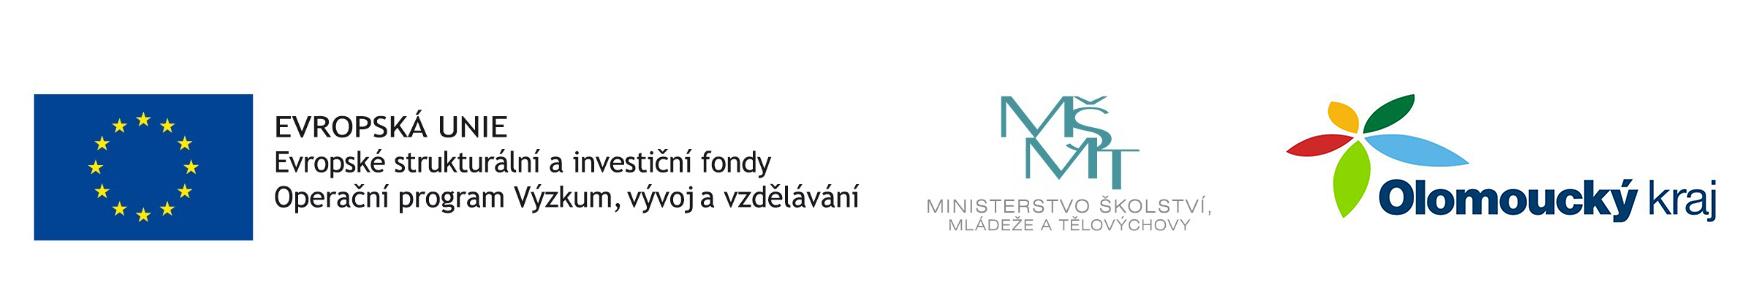 Evropské strukturální a investiční fondy, Ministerstvo Školství mládeže a tělovýchovy, Olomoucký kraj